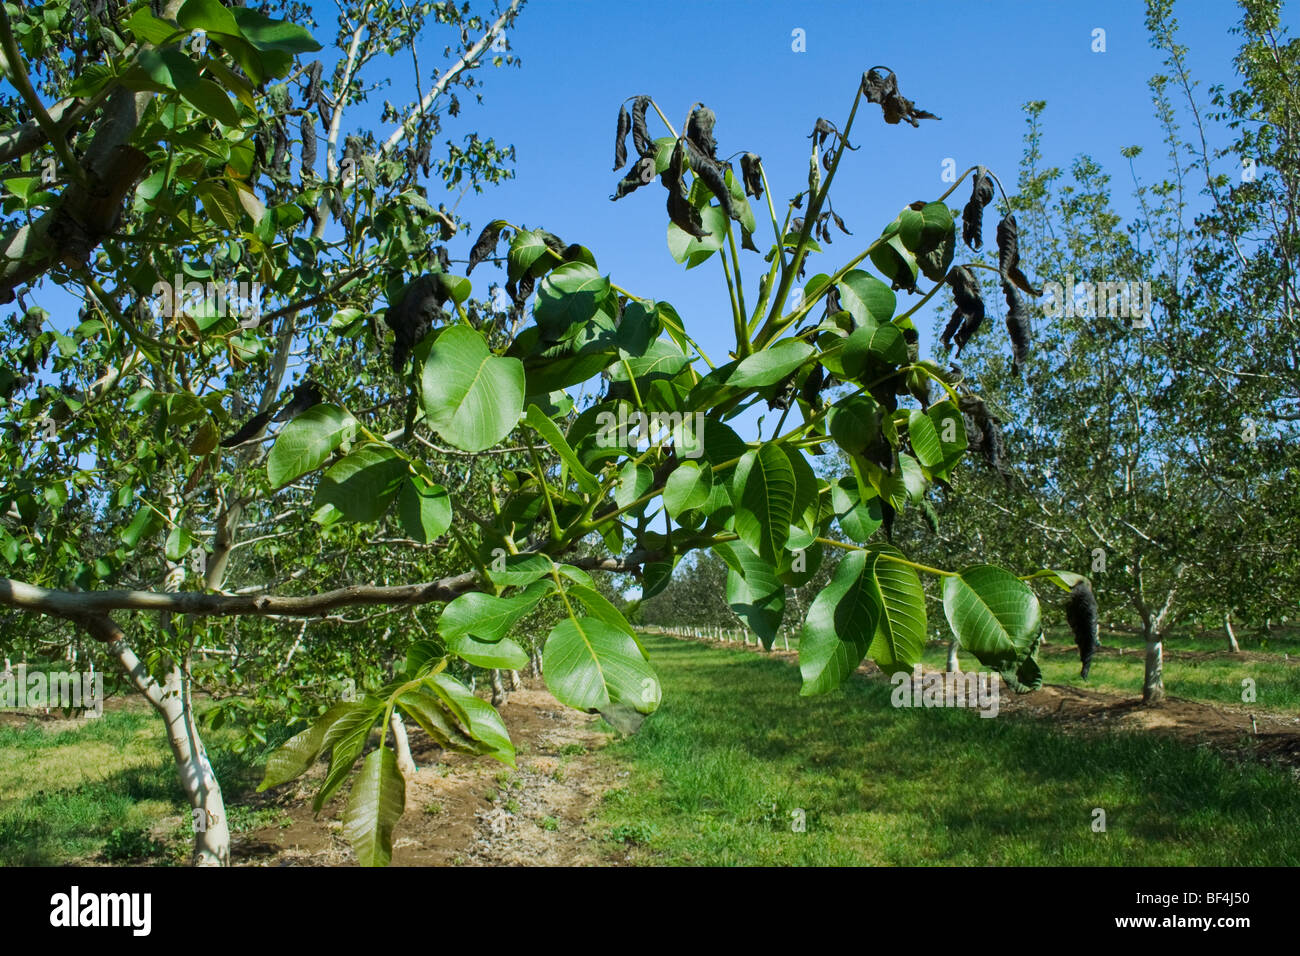 Landwirtschaft - Schaden Nussbaum Laub verursacht durch eine schwere ungewöhnliche Frühling Einfrieren Stockbild